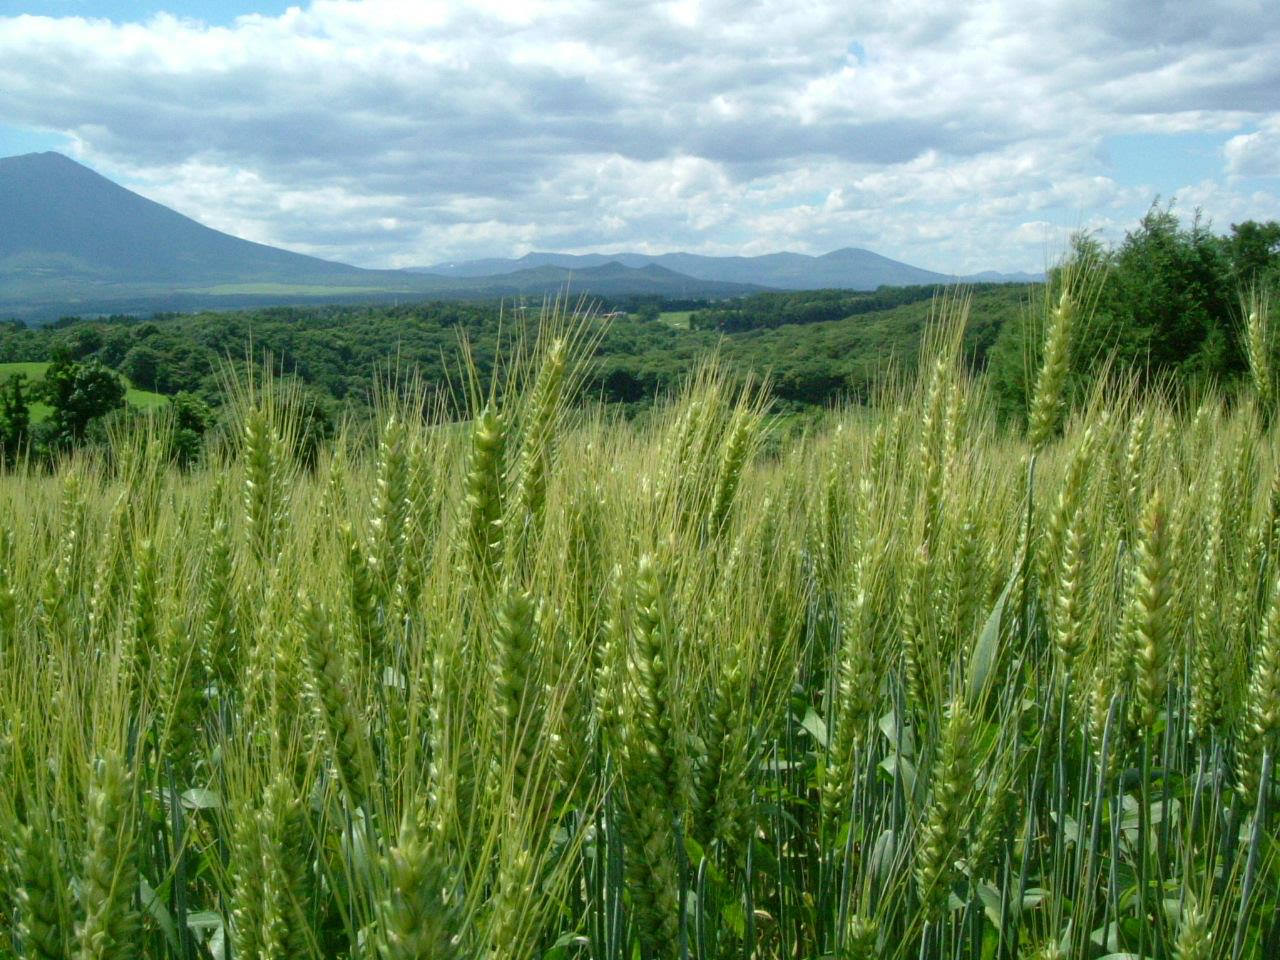 ユキチカラ 無許可での出版物への転載はご遠慮ください 小麦畑